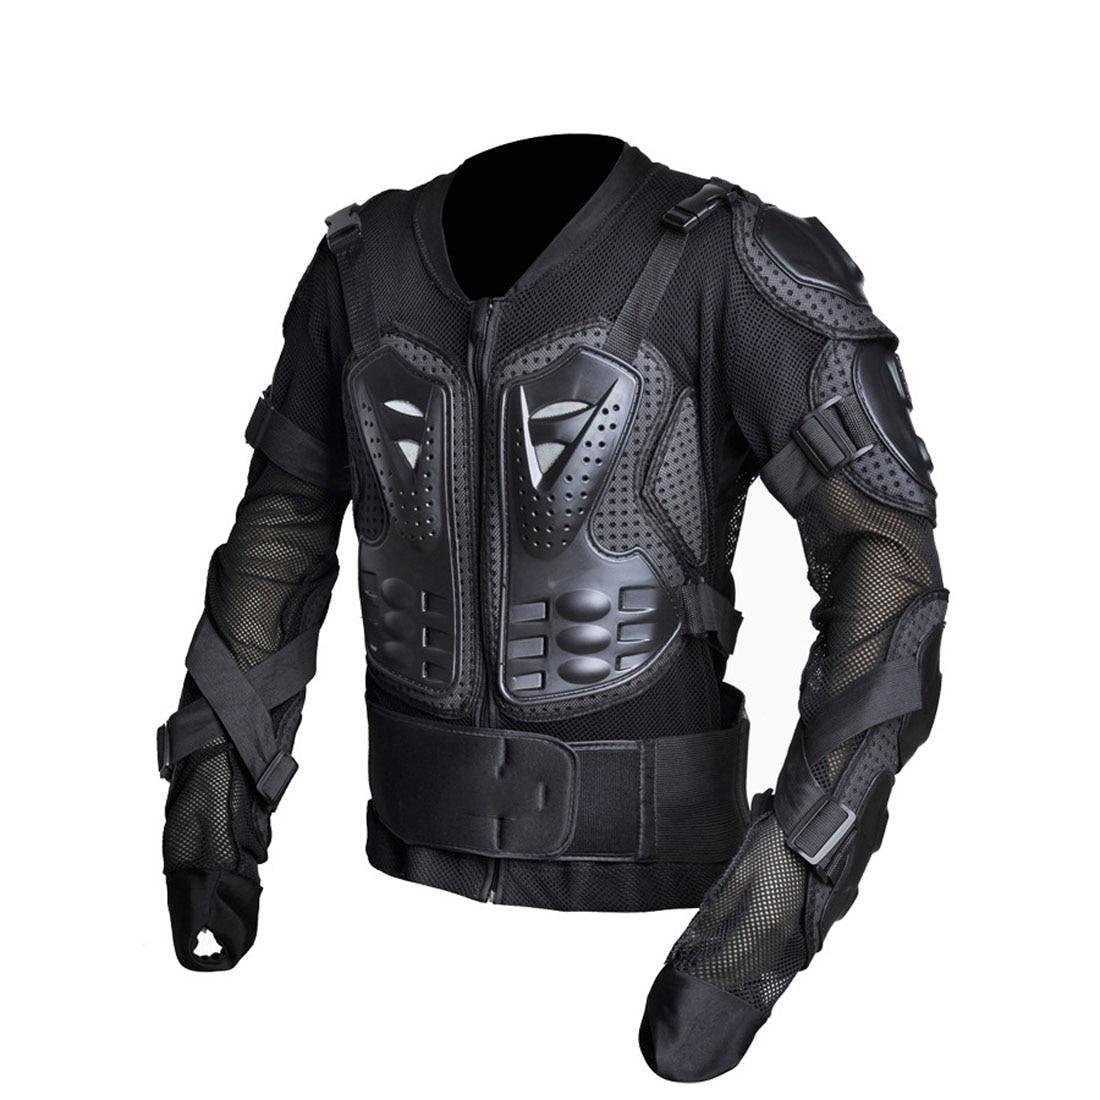 Dongzhen moto veste moto armure Protection Motocross vêtements veste croix dos/rouge armure protecteur course Automobile